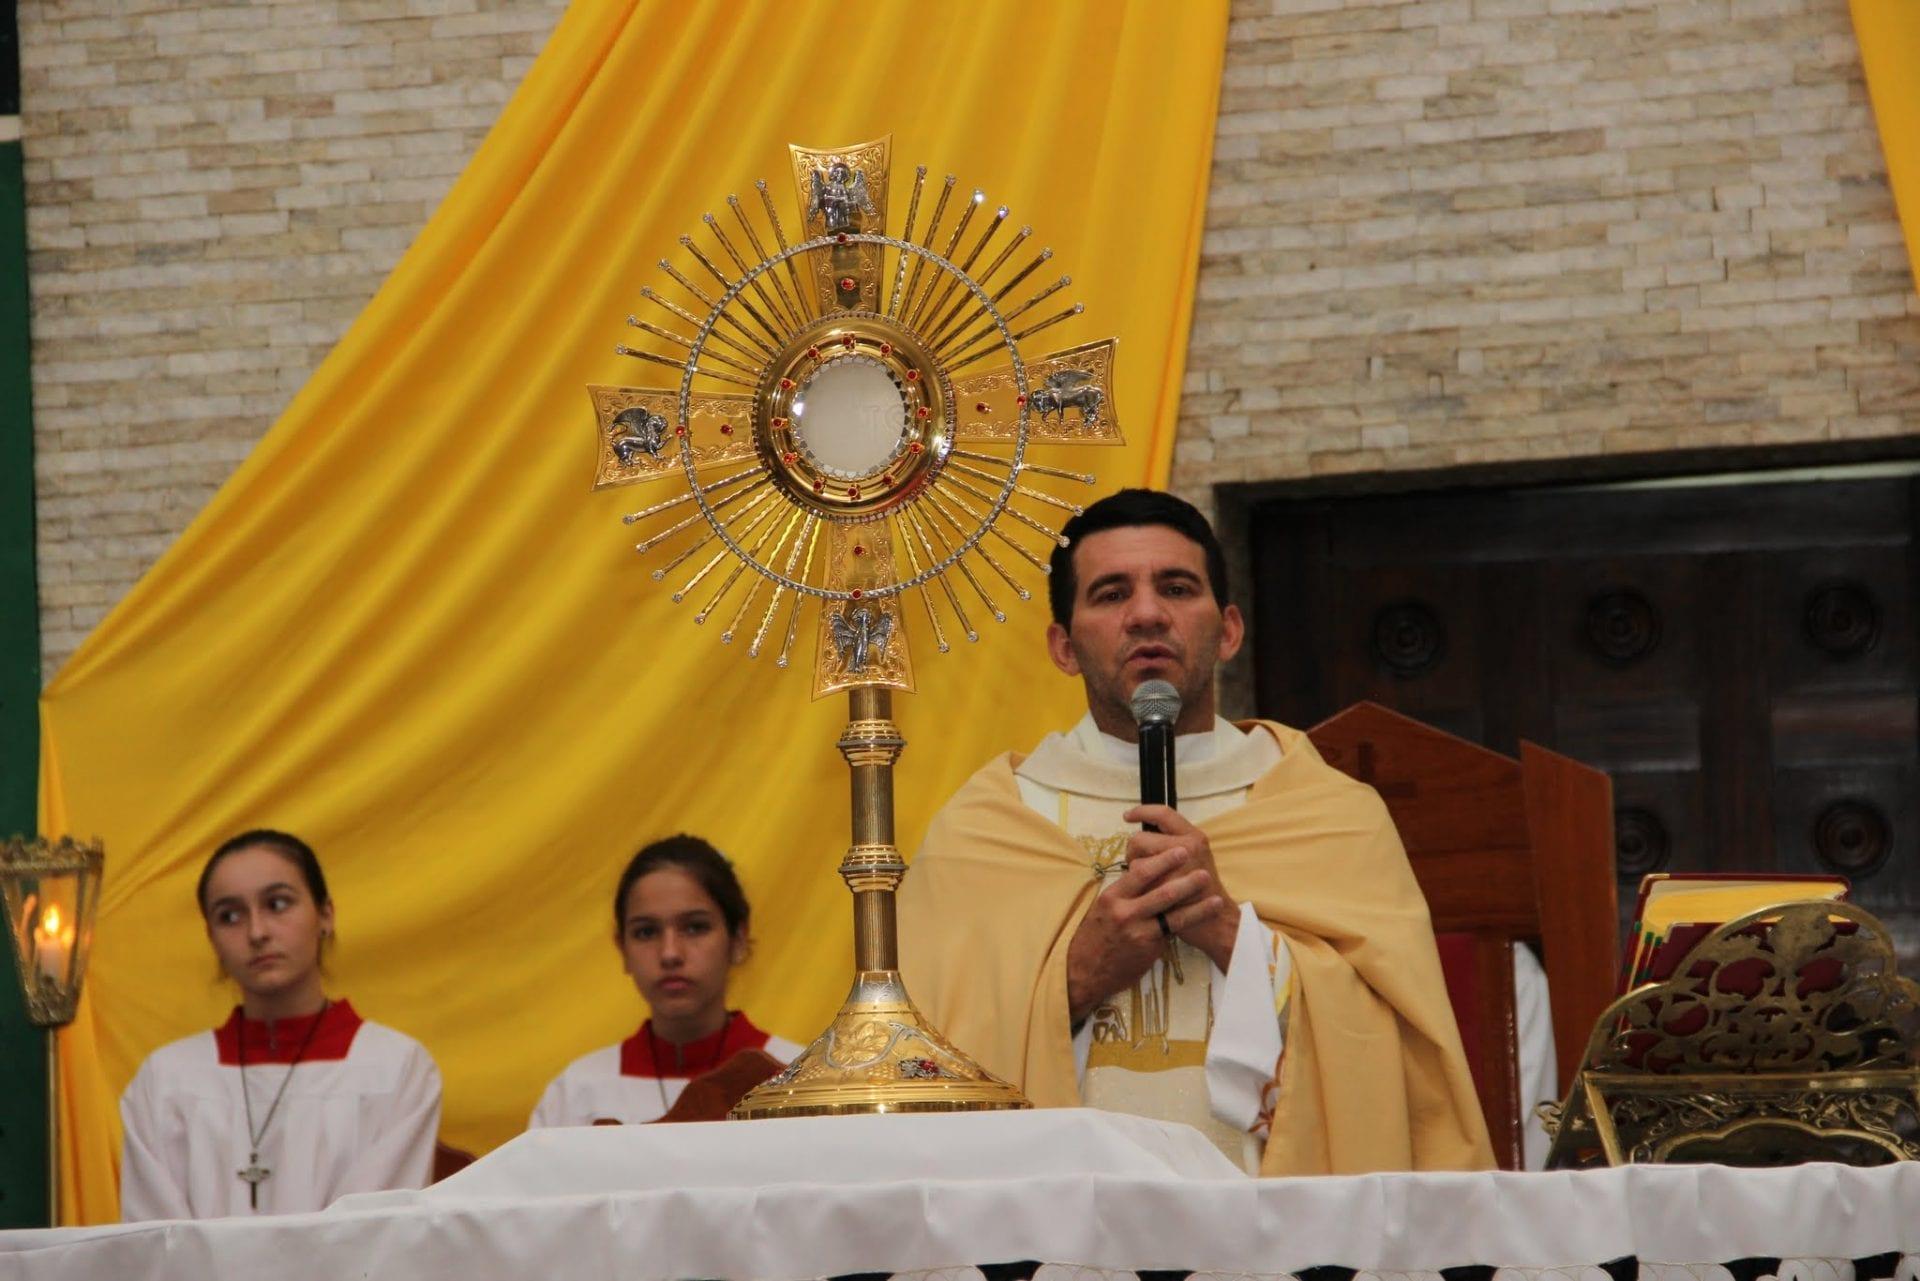 Paróquia Nossa Senhora de Lourdes celebra Corpus Christi com missa e procissão